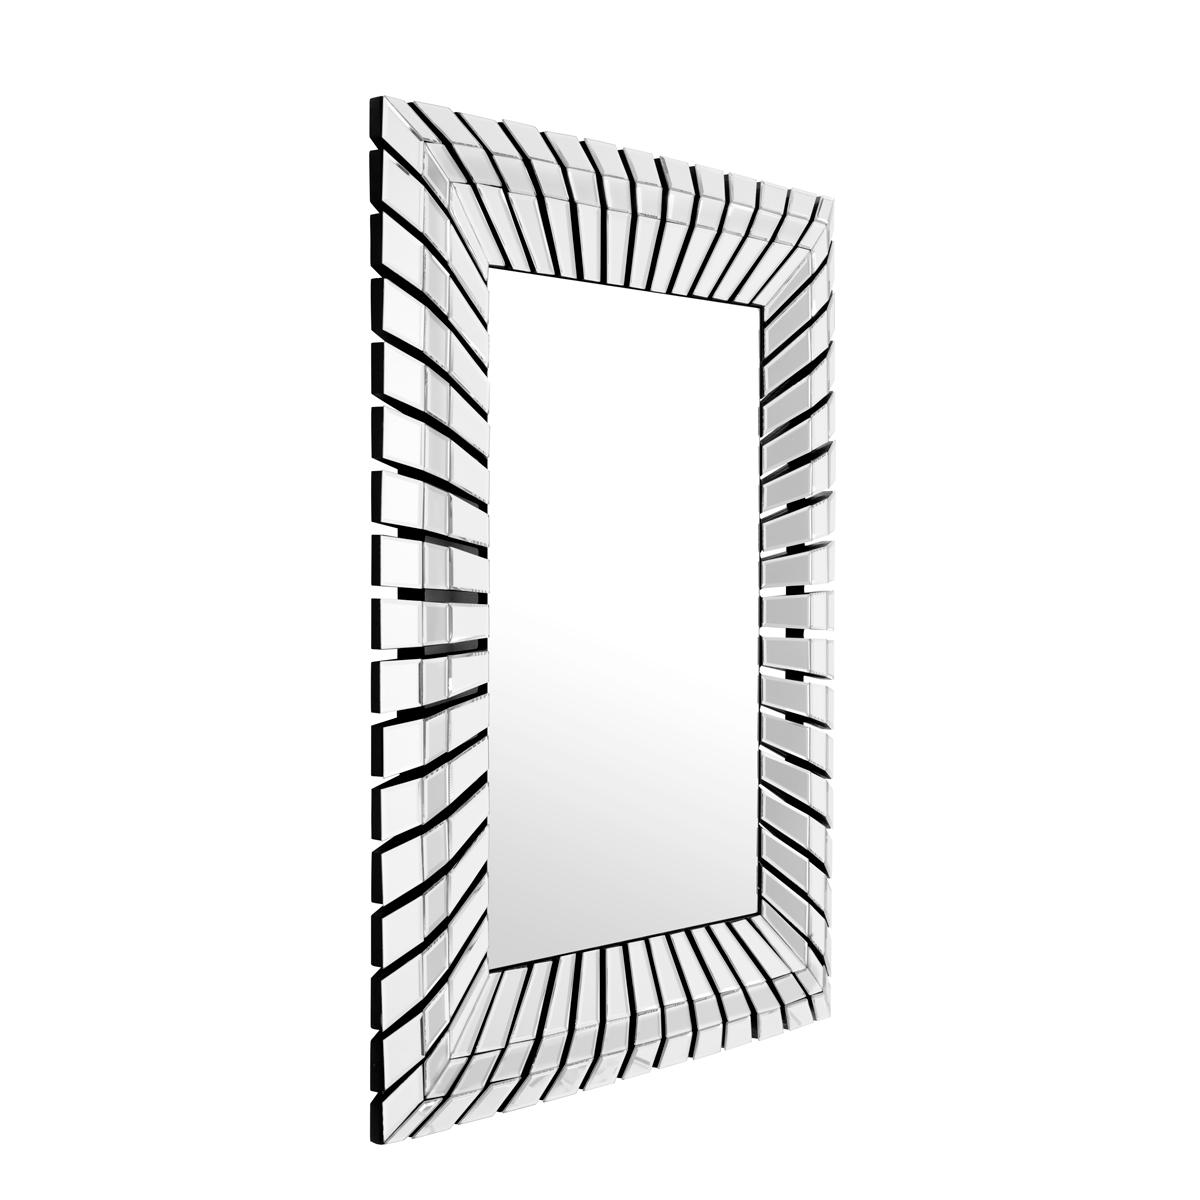 Купить со скидкой Настенное зеркало Granduca с зеркальной рамкой в виде солнечных лучей